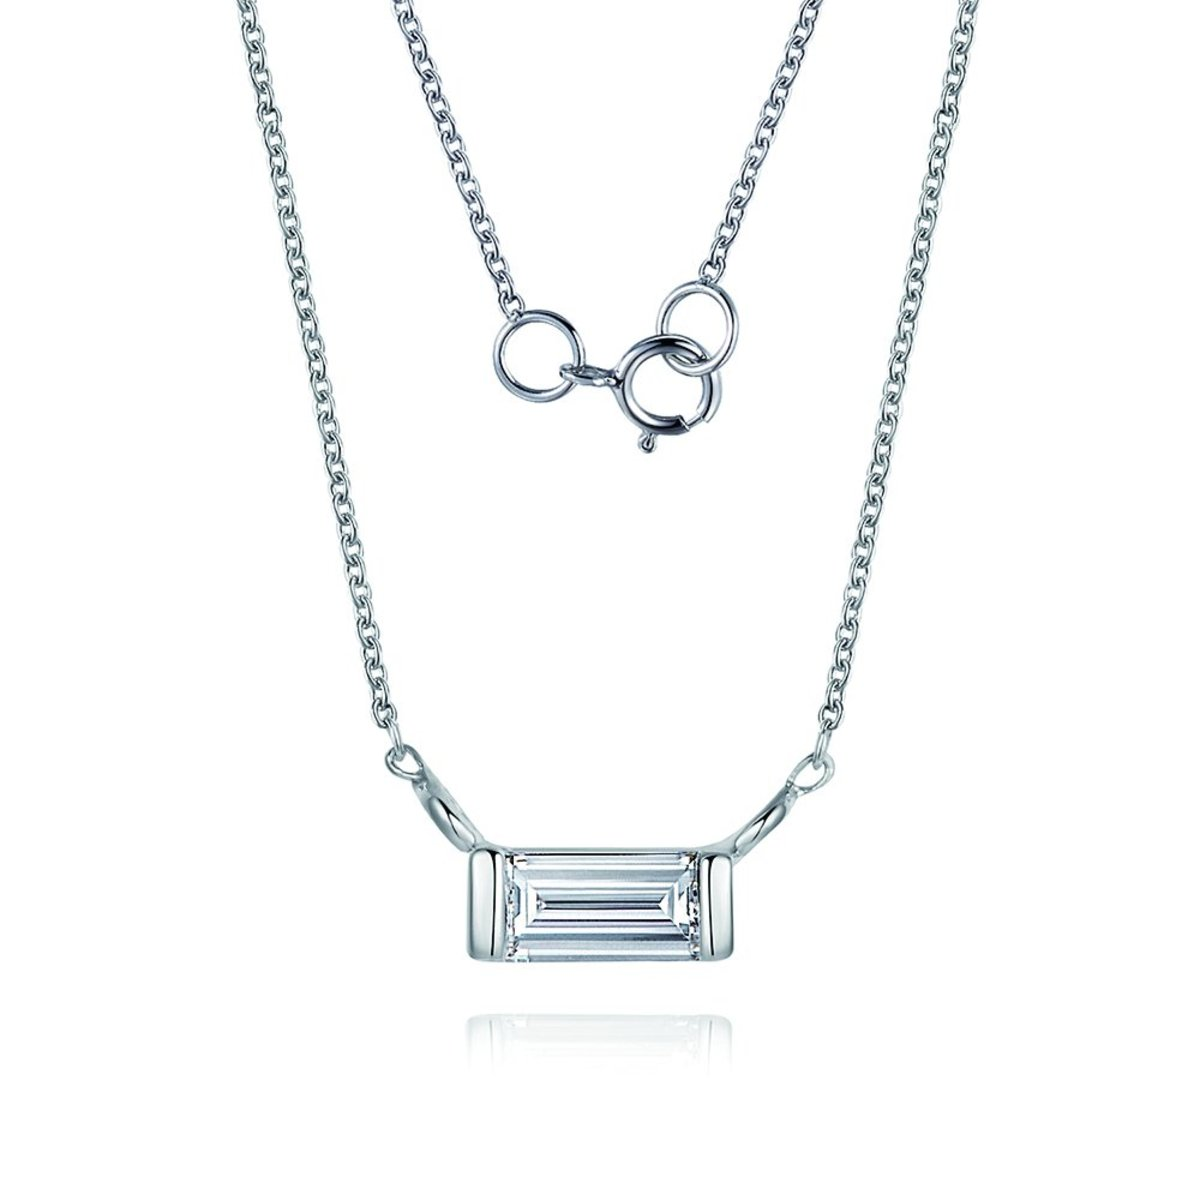 18K白金鑽石項鍊(0.1克拉總重量)